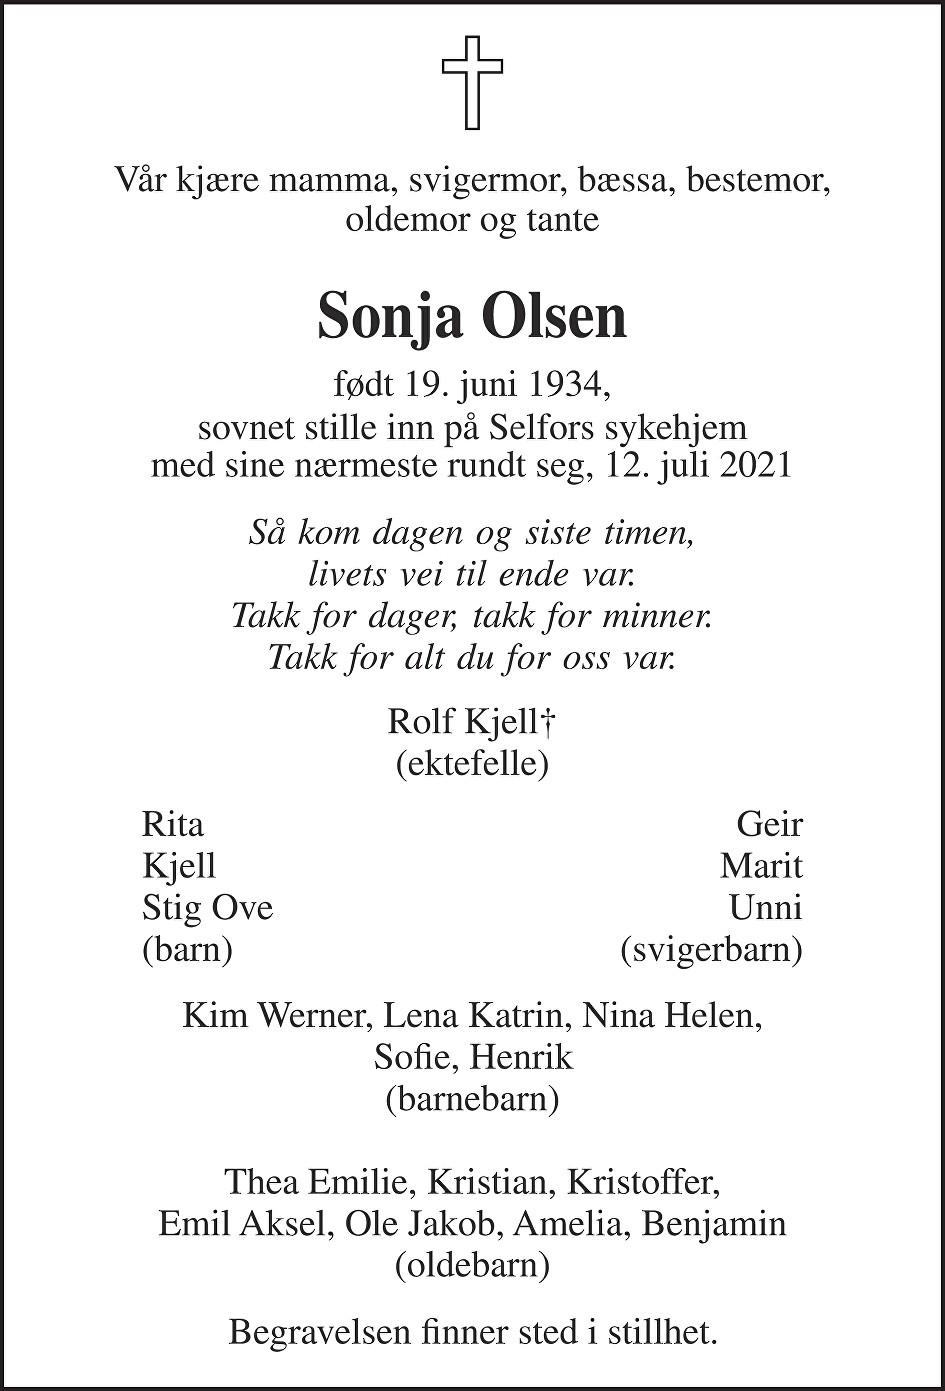 Sonja Olsen Dødsannonse